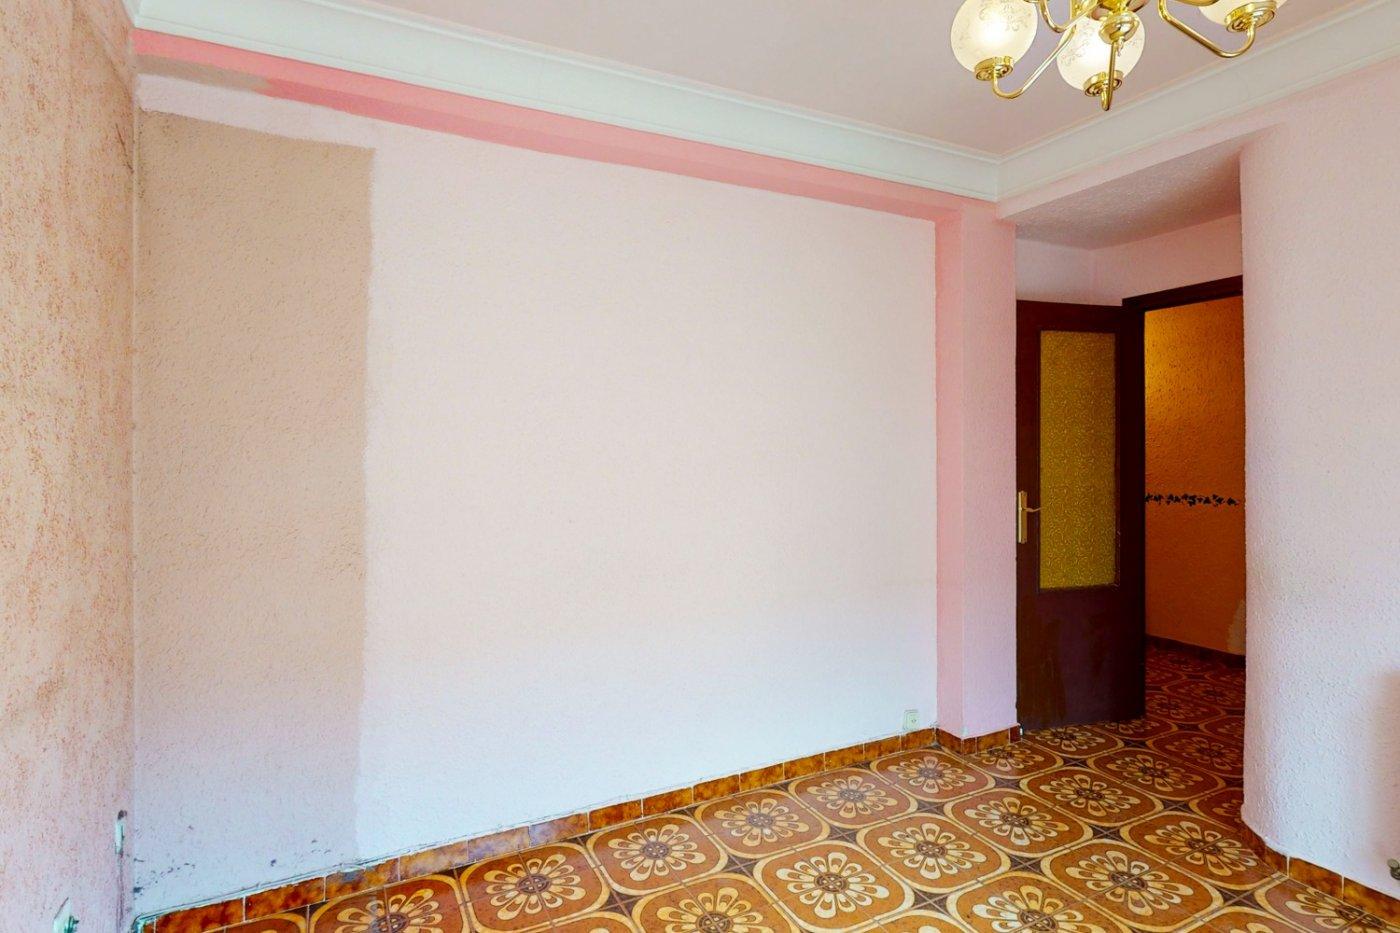 Piso a la venta en c/ lugo, exterior, de tres dormitorios, salon, cocina y baÑo. - imagenInmueble18